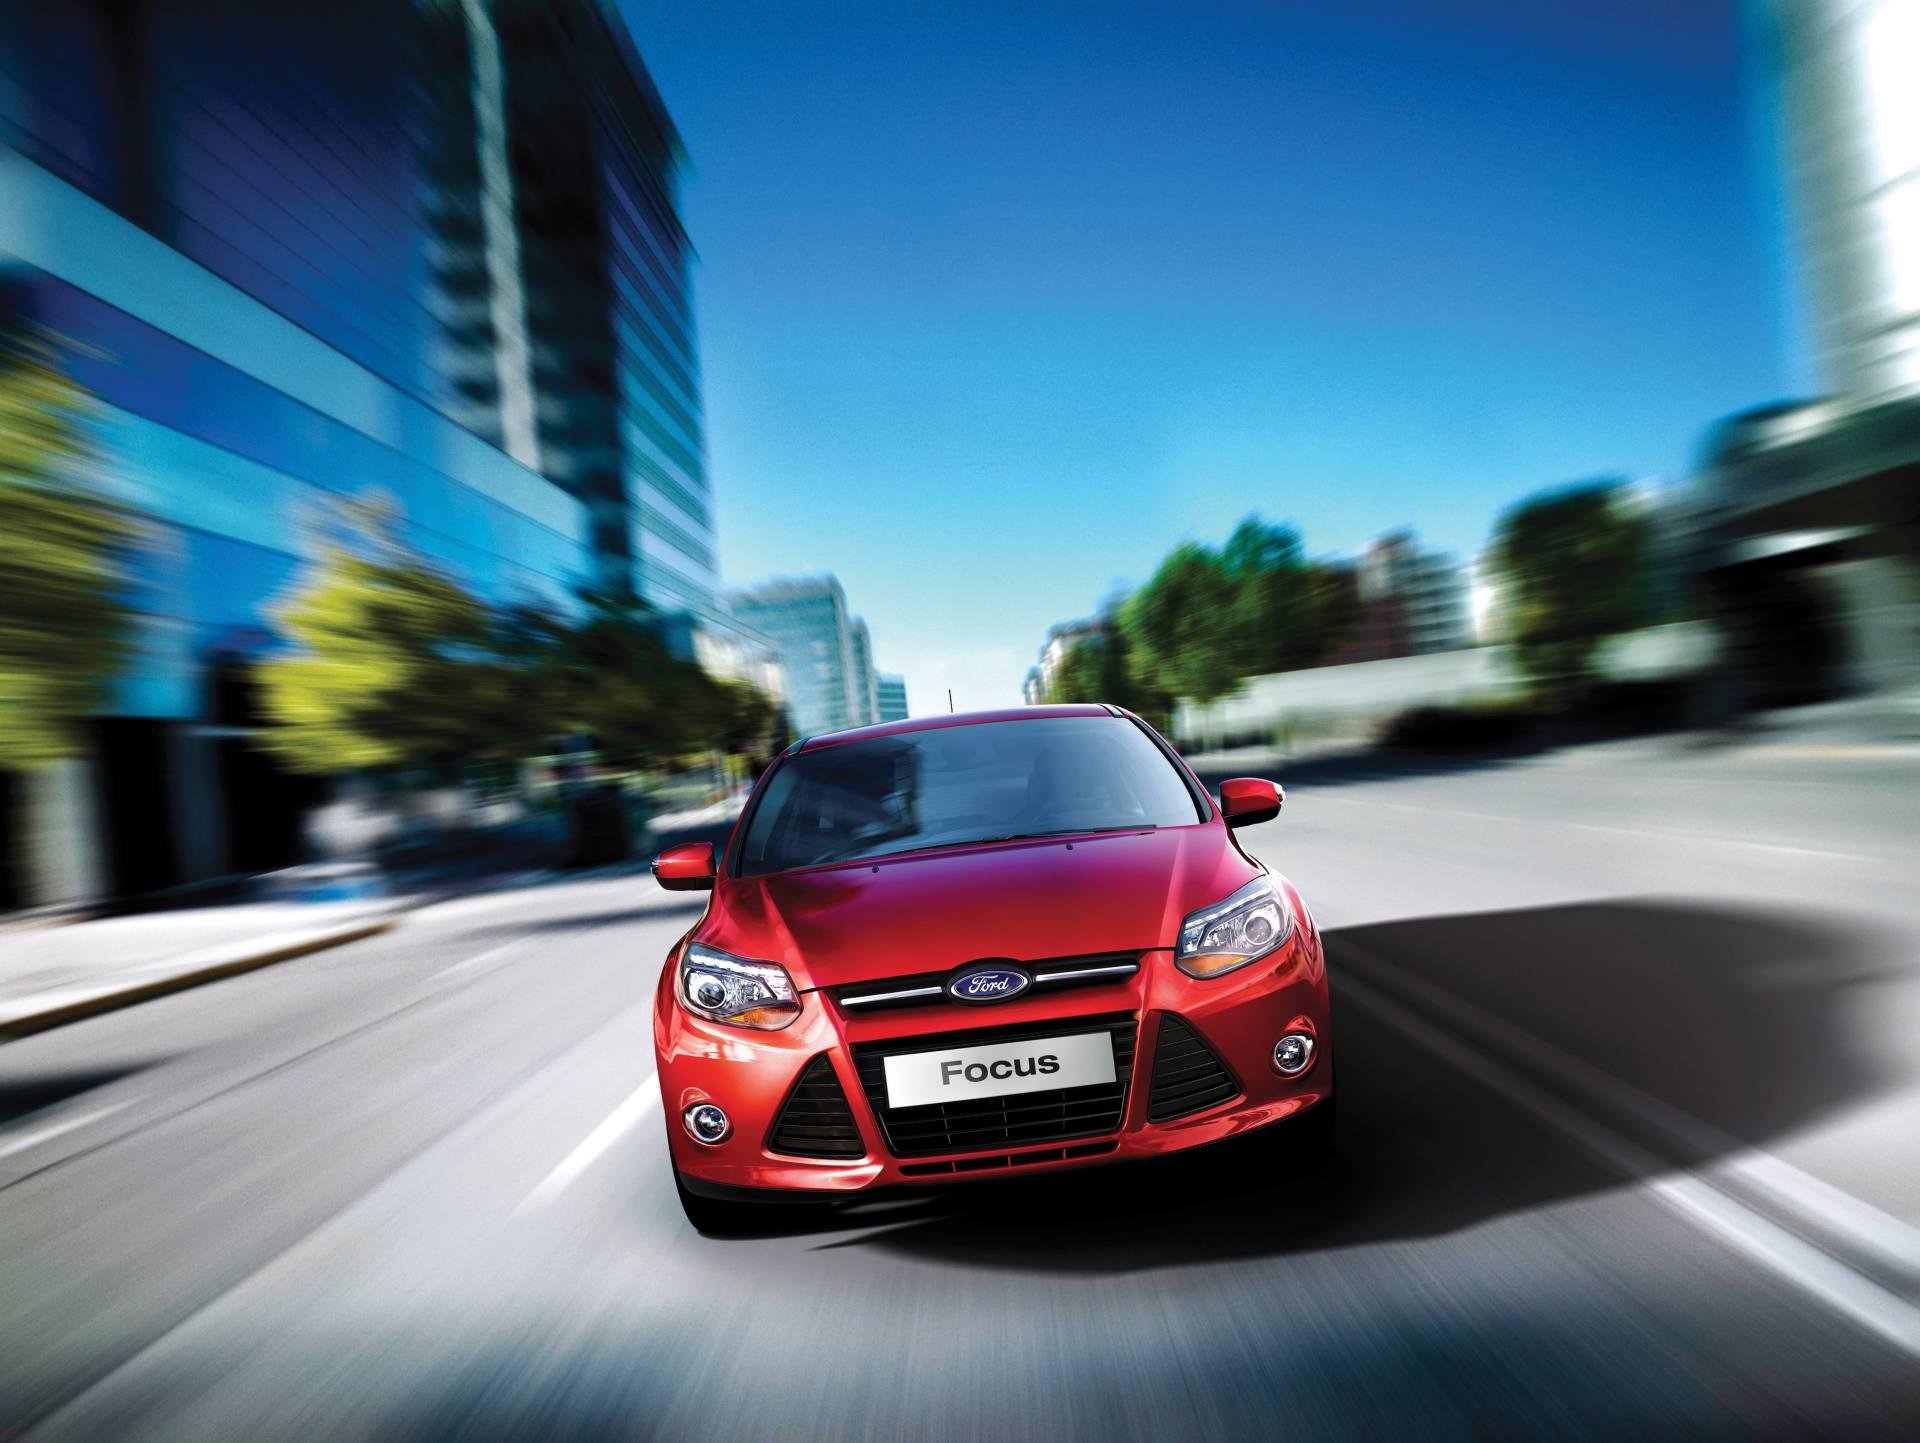 Ford Focus khẳng định vị trí bán chạy nhất thế giới